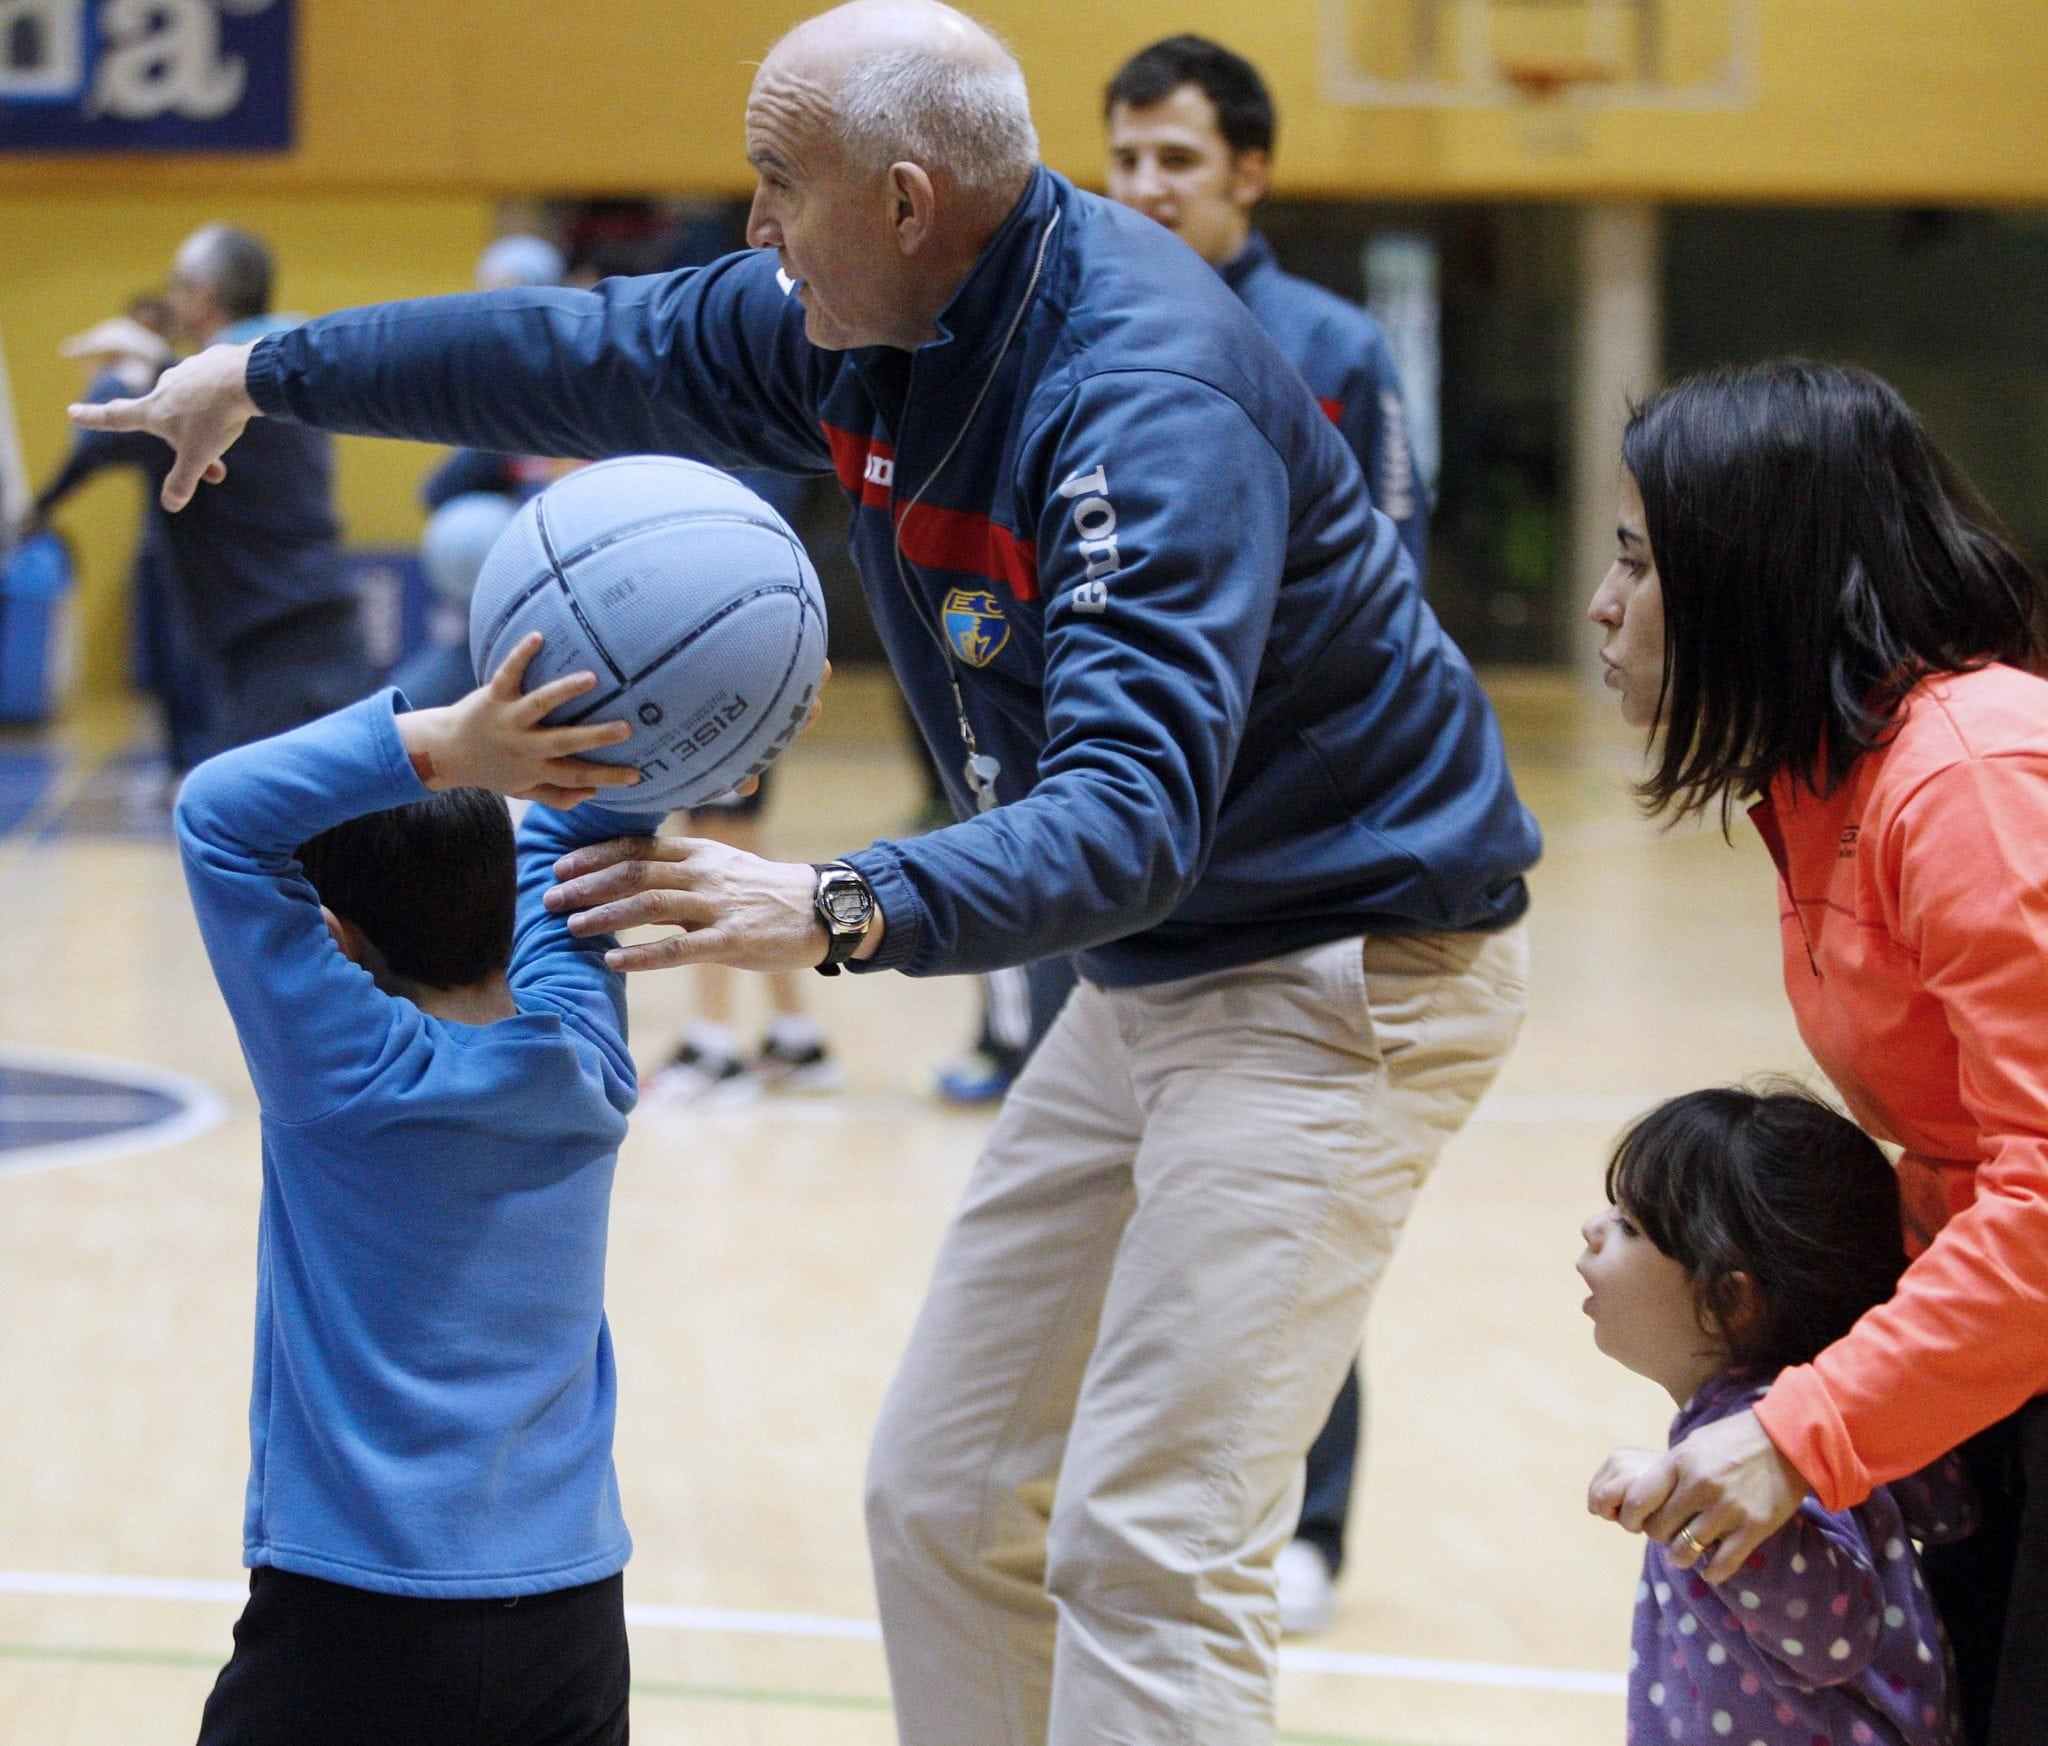 Magariños, testigo de cómo el baloncesto sirve como herramienta en la rehabilitación oncológica